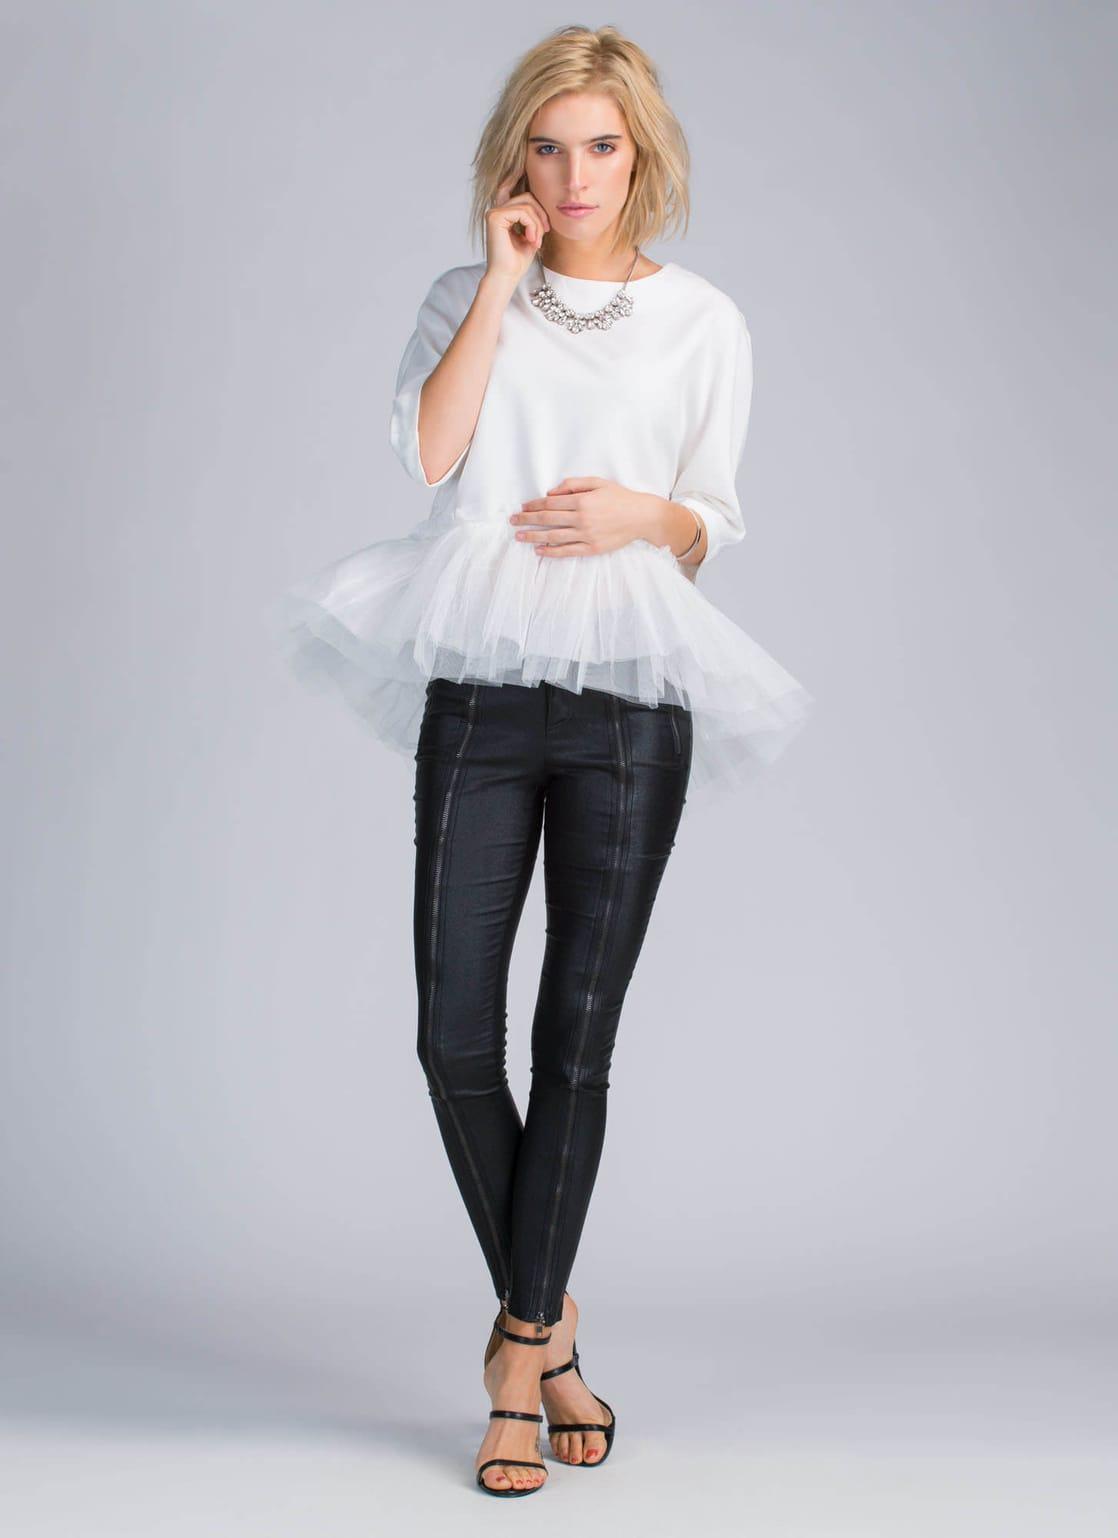 ASMR FashionablyFit